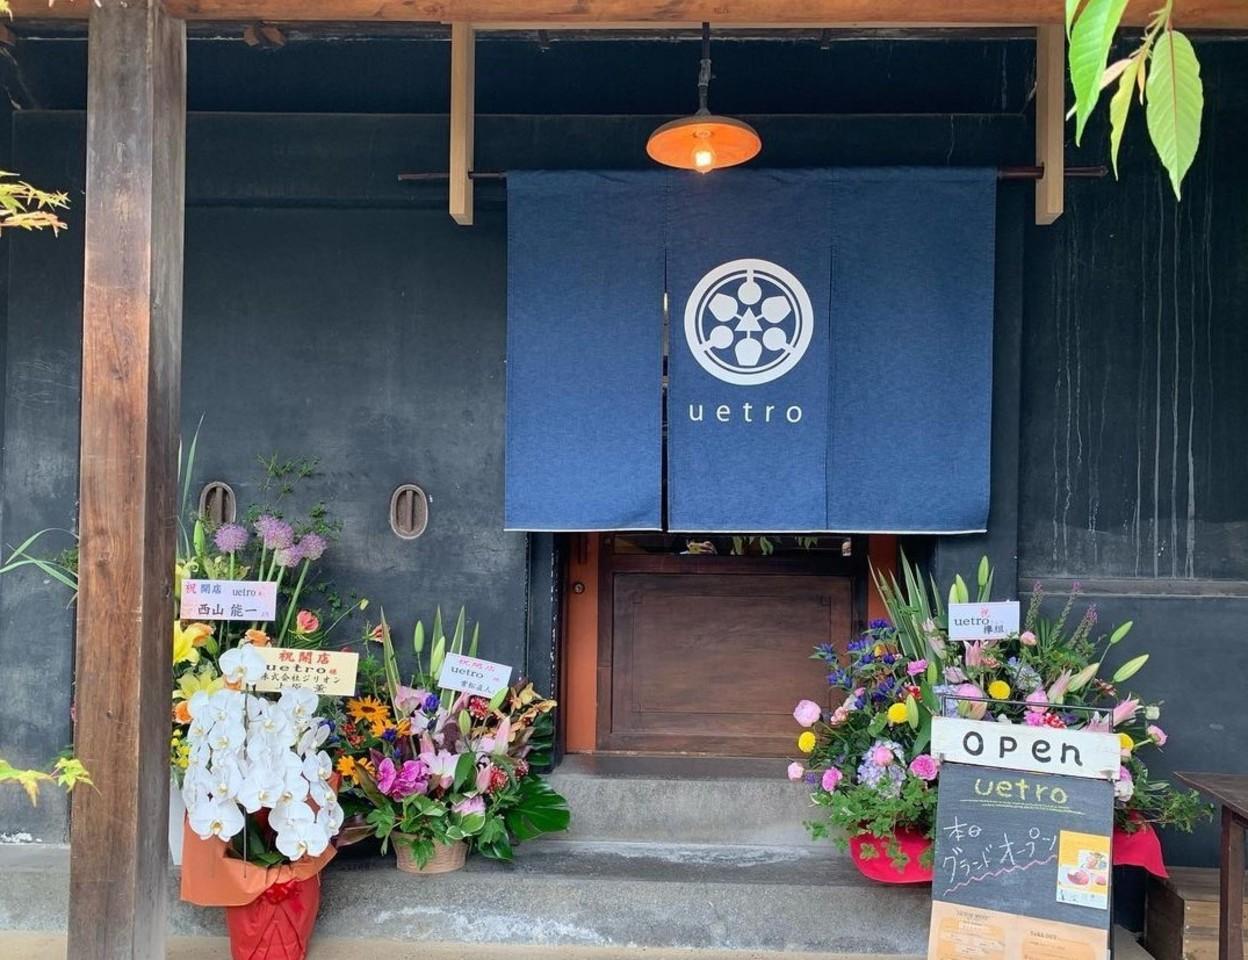 肉料理を主としたビストロ...埼玉県越谷市越ヶ谷本町はかり屋内に「ウエトロ」本日グランドオープン